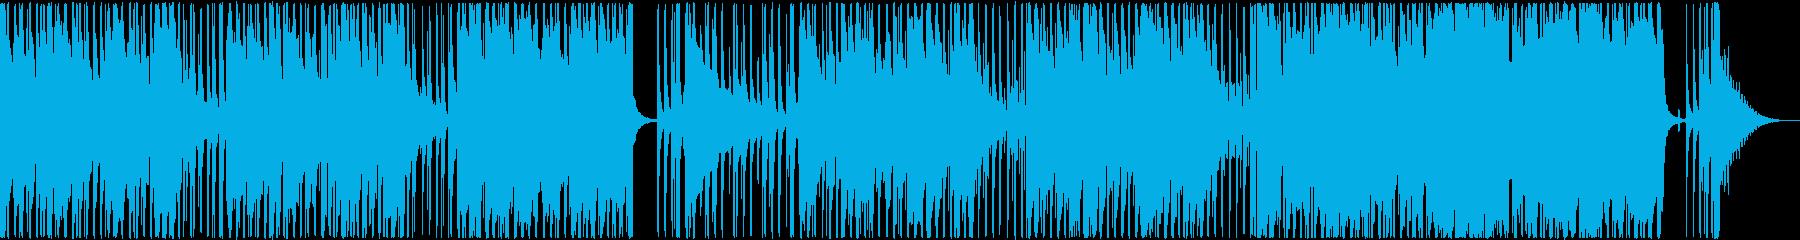 古典的なマッスルショールズR&Bグ...の再生済みの波形